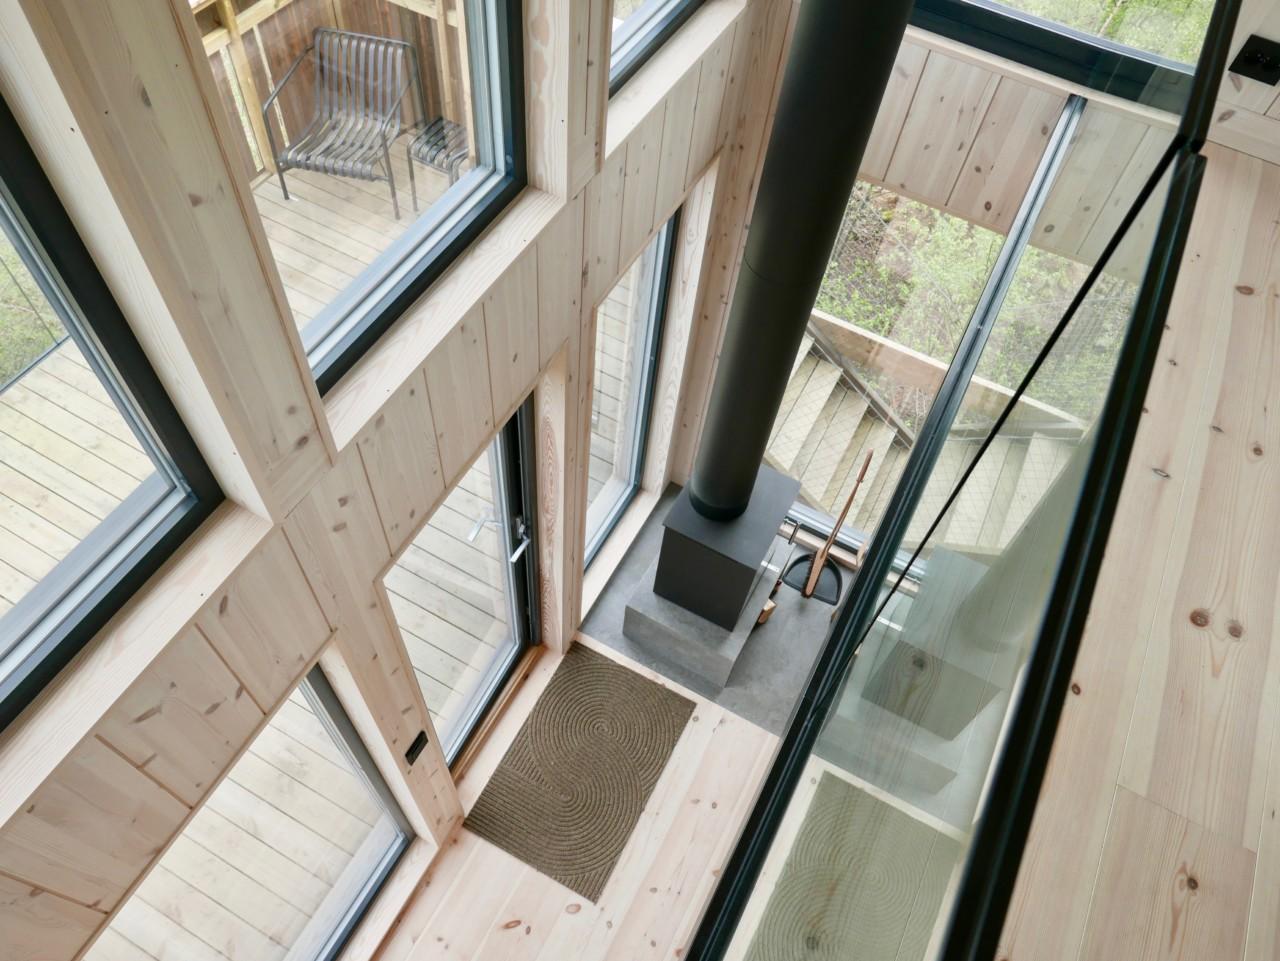 toten-tretopphytte-arkitekttegnet-trehus-green-house